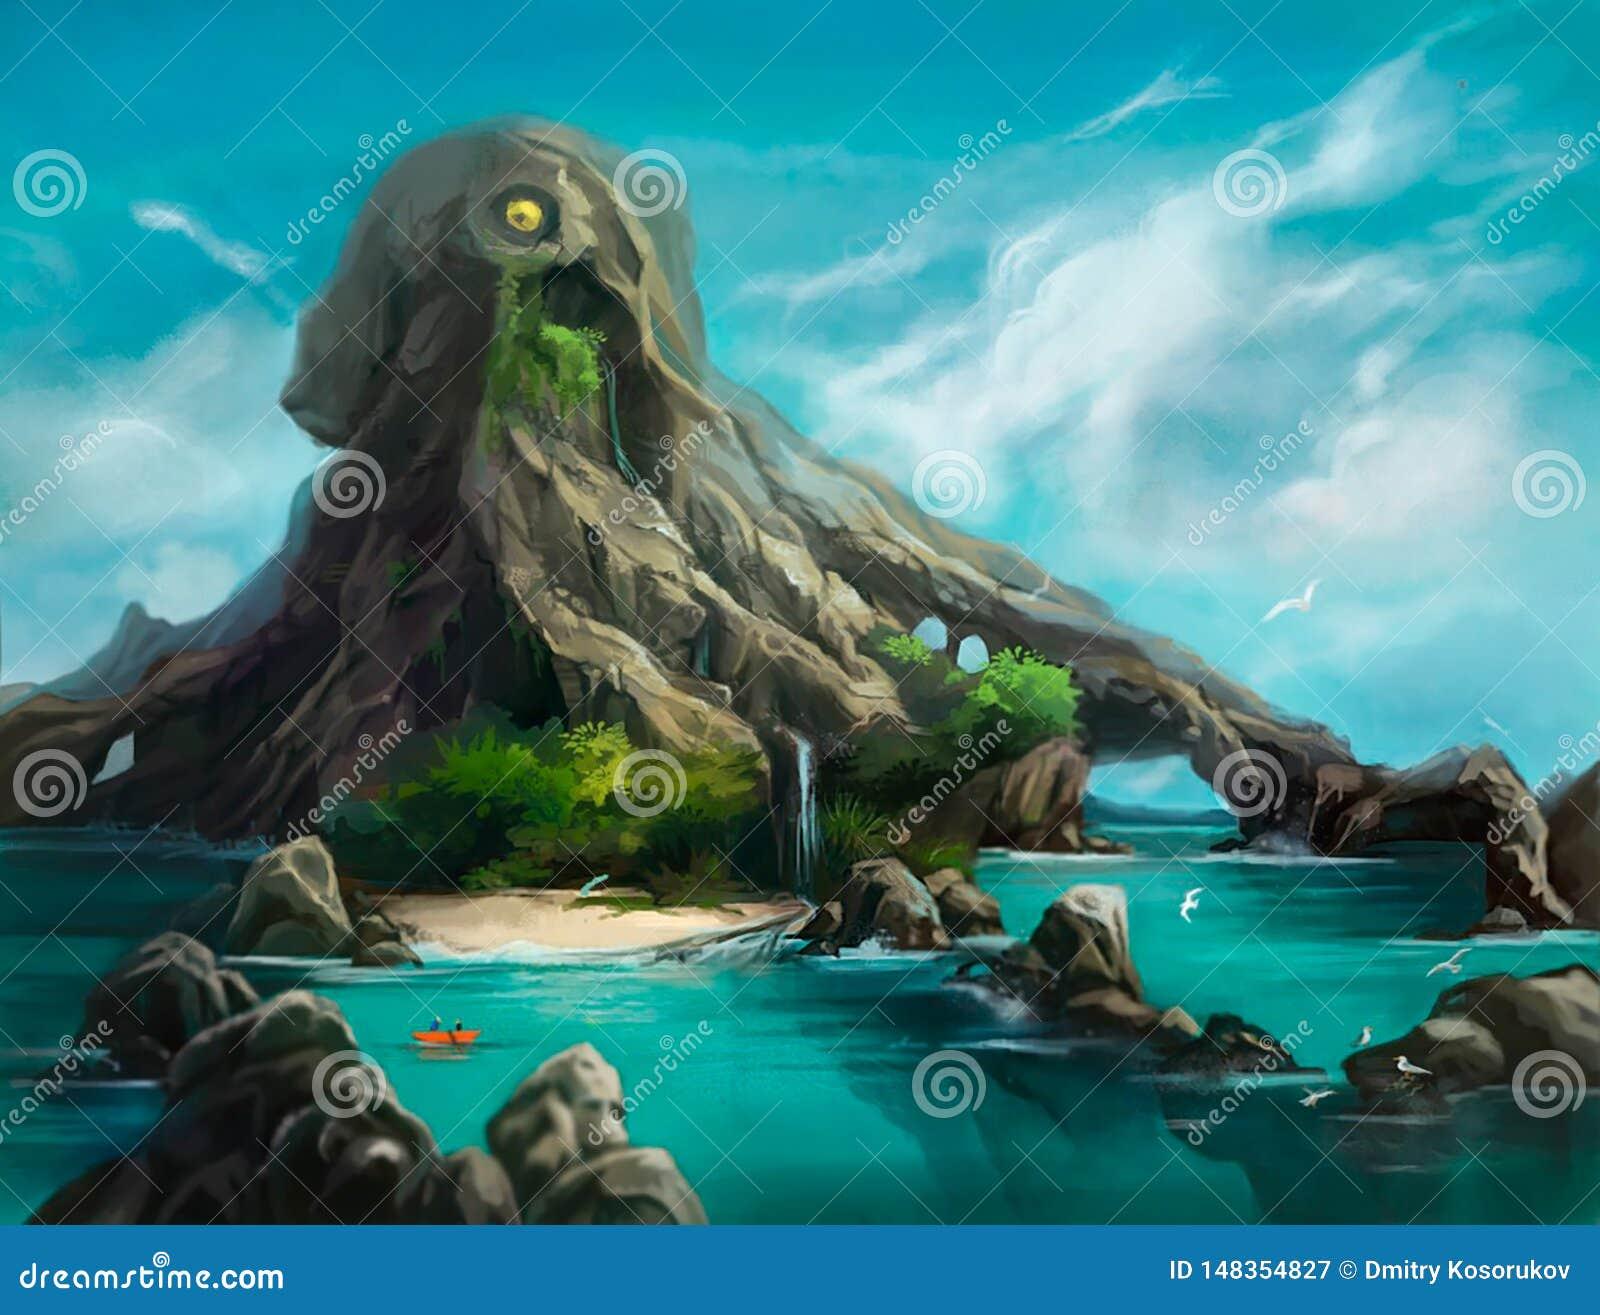 Illustration d une montagne sous forme de poulpe